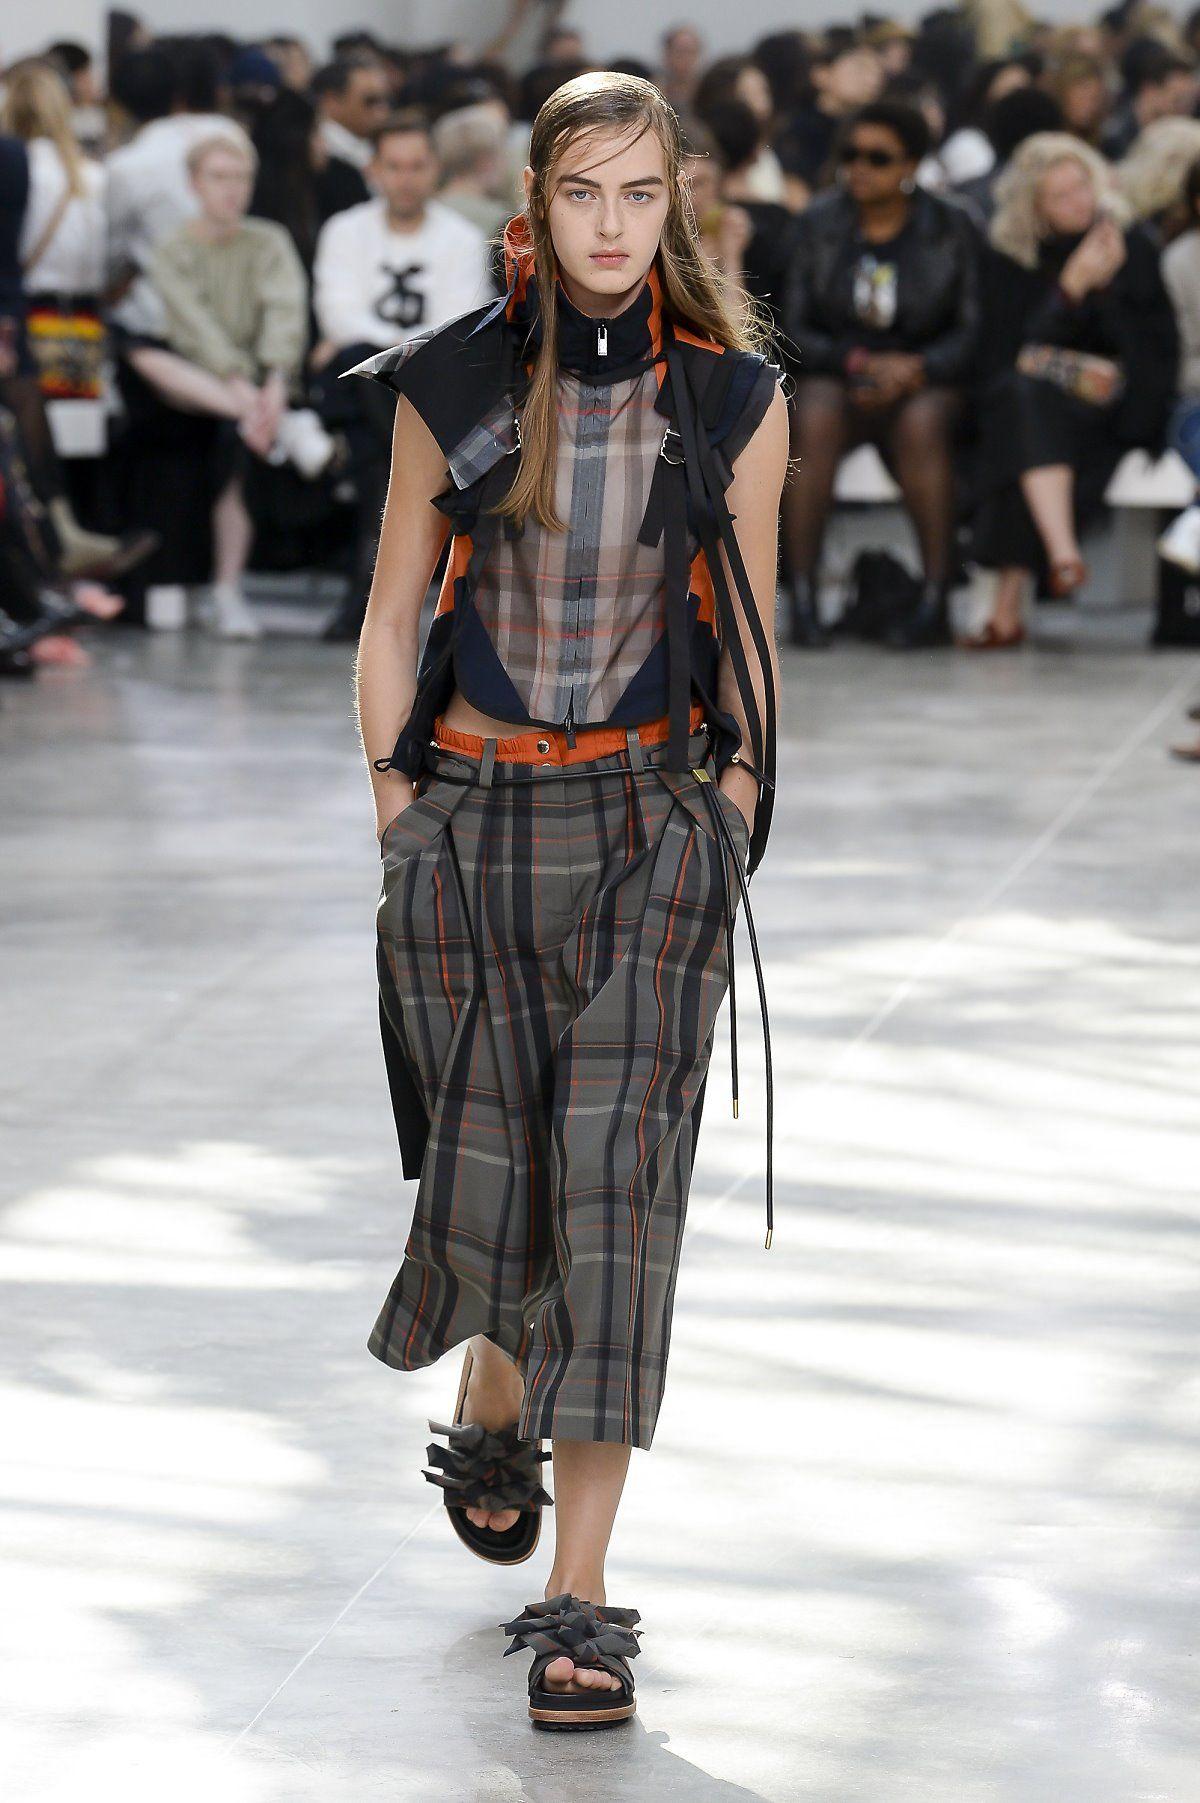 19SS 사카이(Sacai) 컬렉션 네이버 포스트 패션 스타일, 가을 패션, 레디 투 웨어